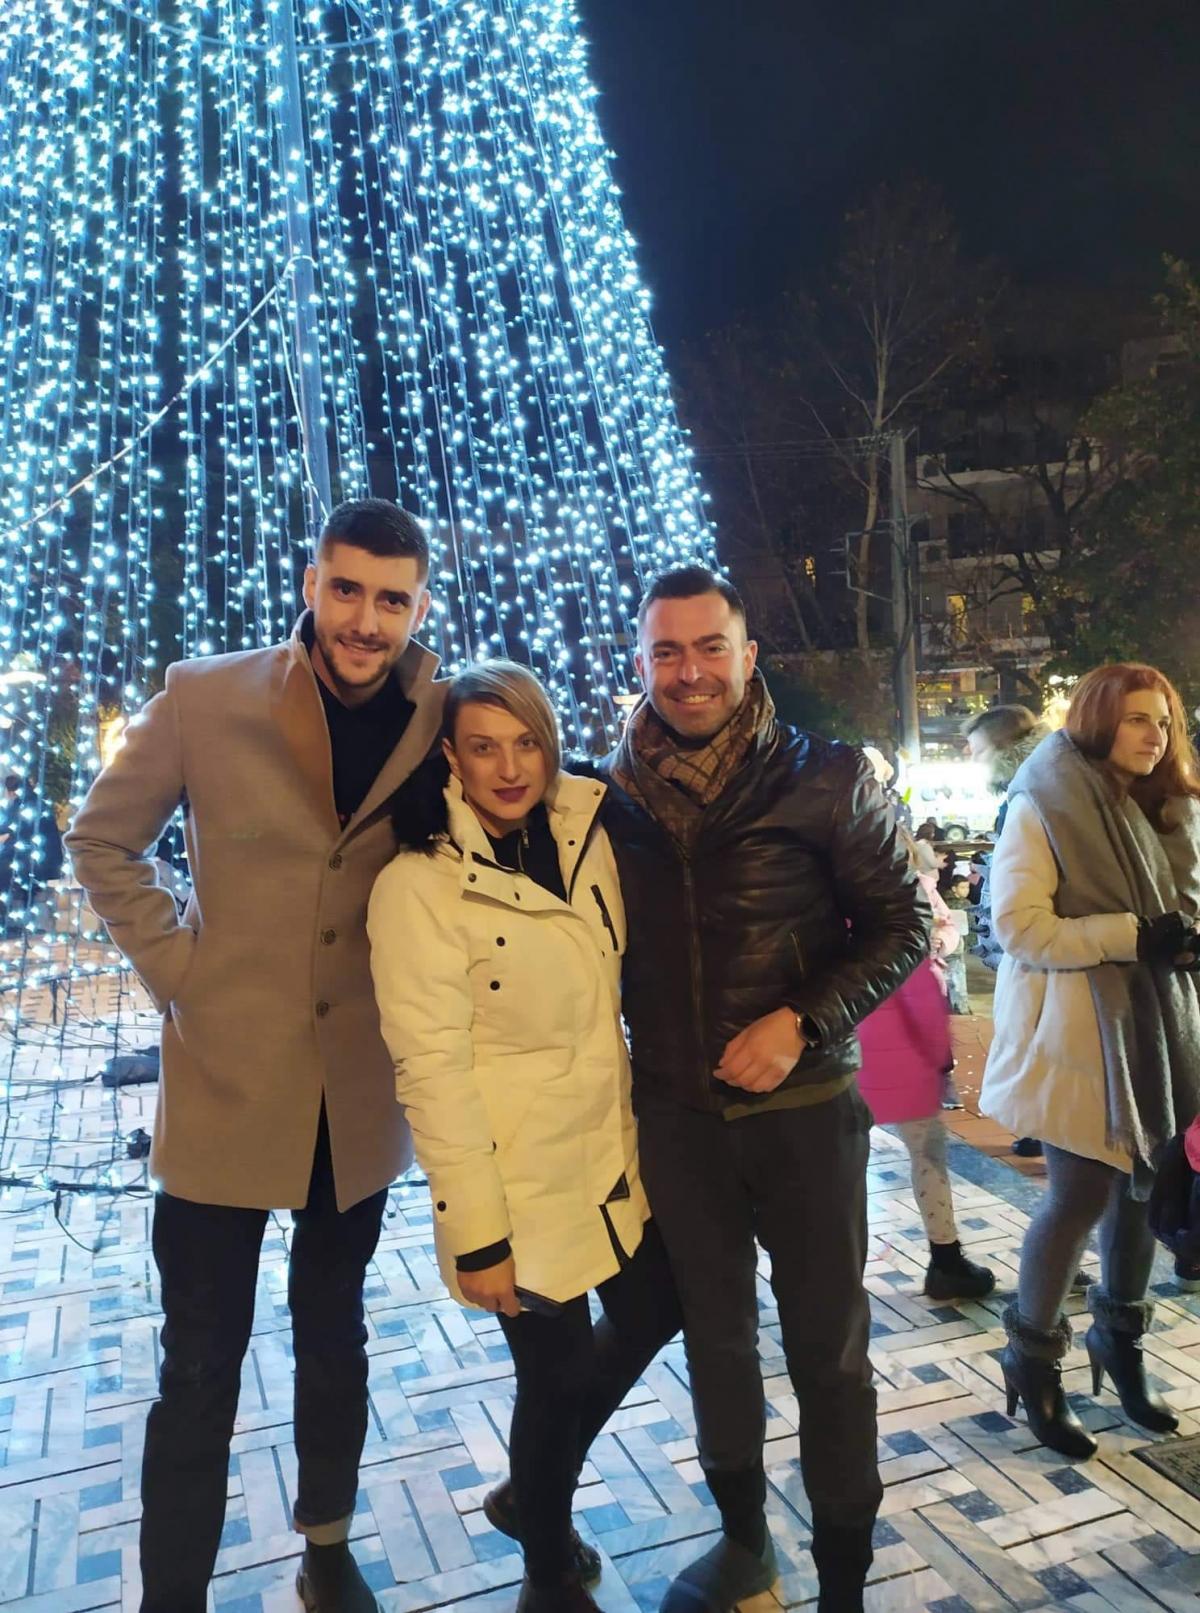 Μαγική βραδιά στην Έδεσσα: Φωταγωγήθηκε το Χριστουγεννιάτικο δέντρο κάτω από την τελευταία πανσέληνο του έτους! (ΦΩΤΟ&ΒΙΝΤΕΟ)